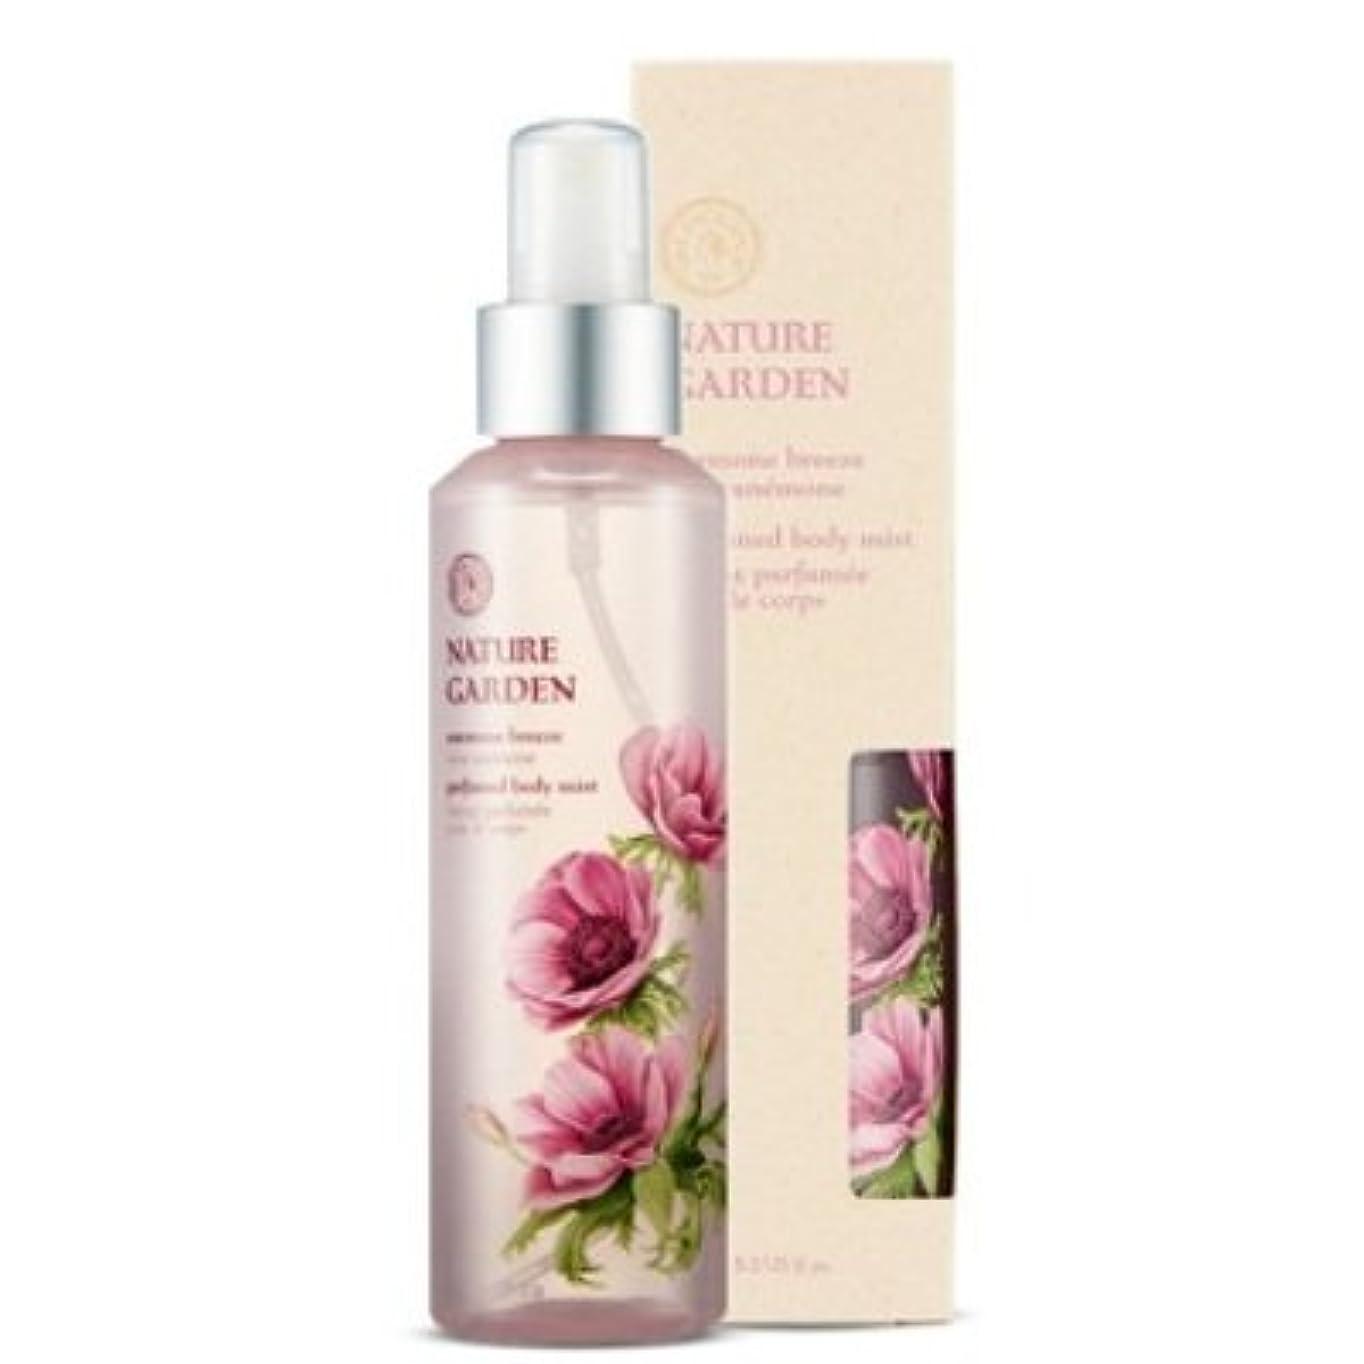 ミュウミュウミルク放射能THE FACE SHOP NATURE GARDEN Anemone Breeze Perfumed Body Mist 155ml / ザ?フェイスショップ ナチュラルガーデンアネモネブリーズパフュームボディミスト155ml [並行輸入品]